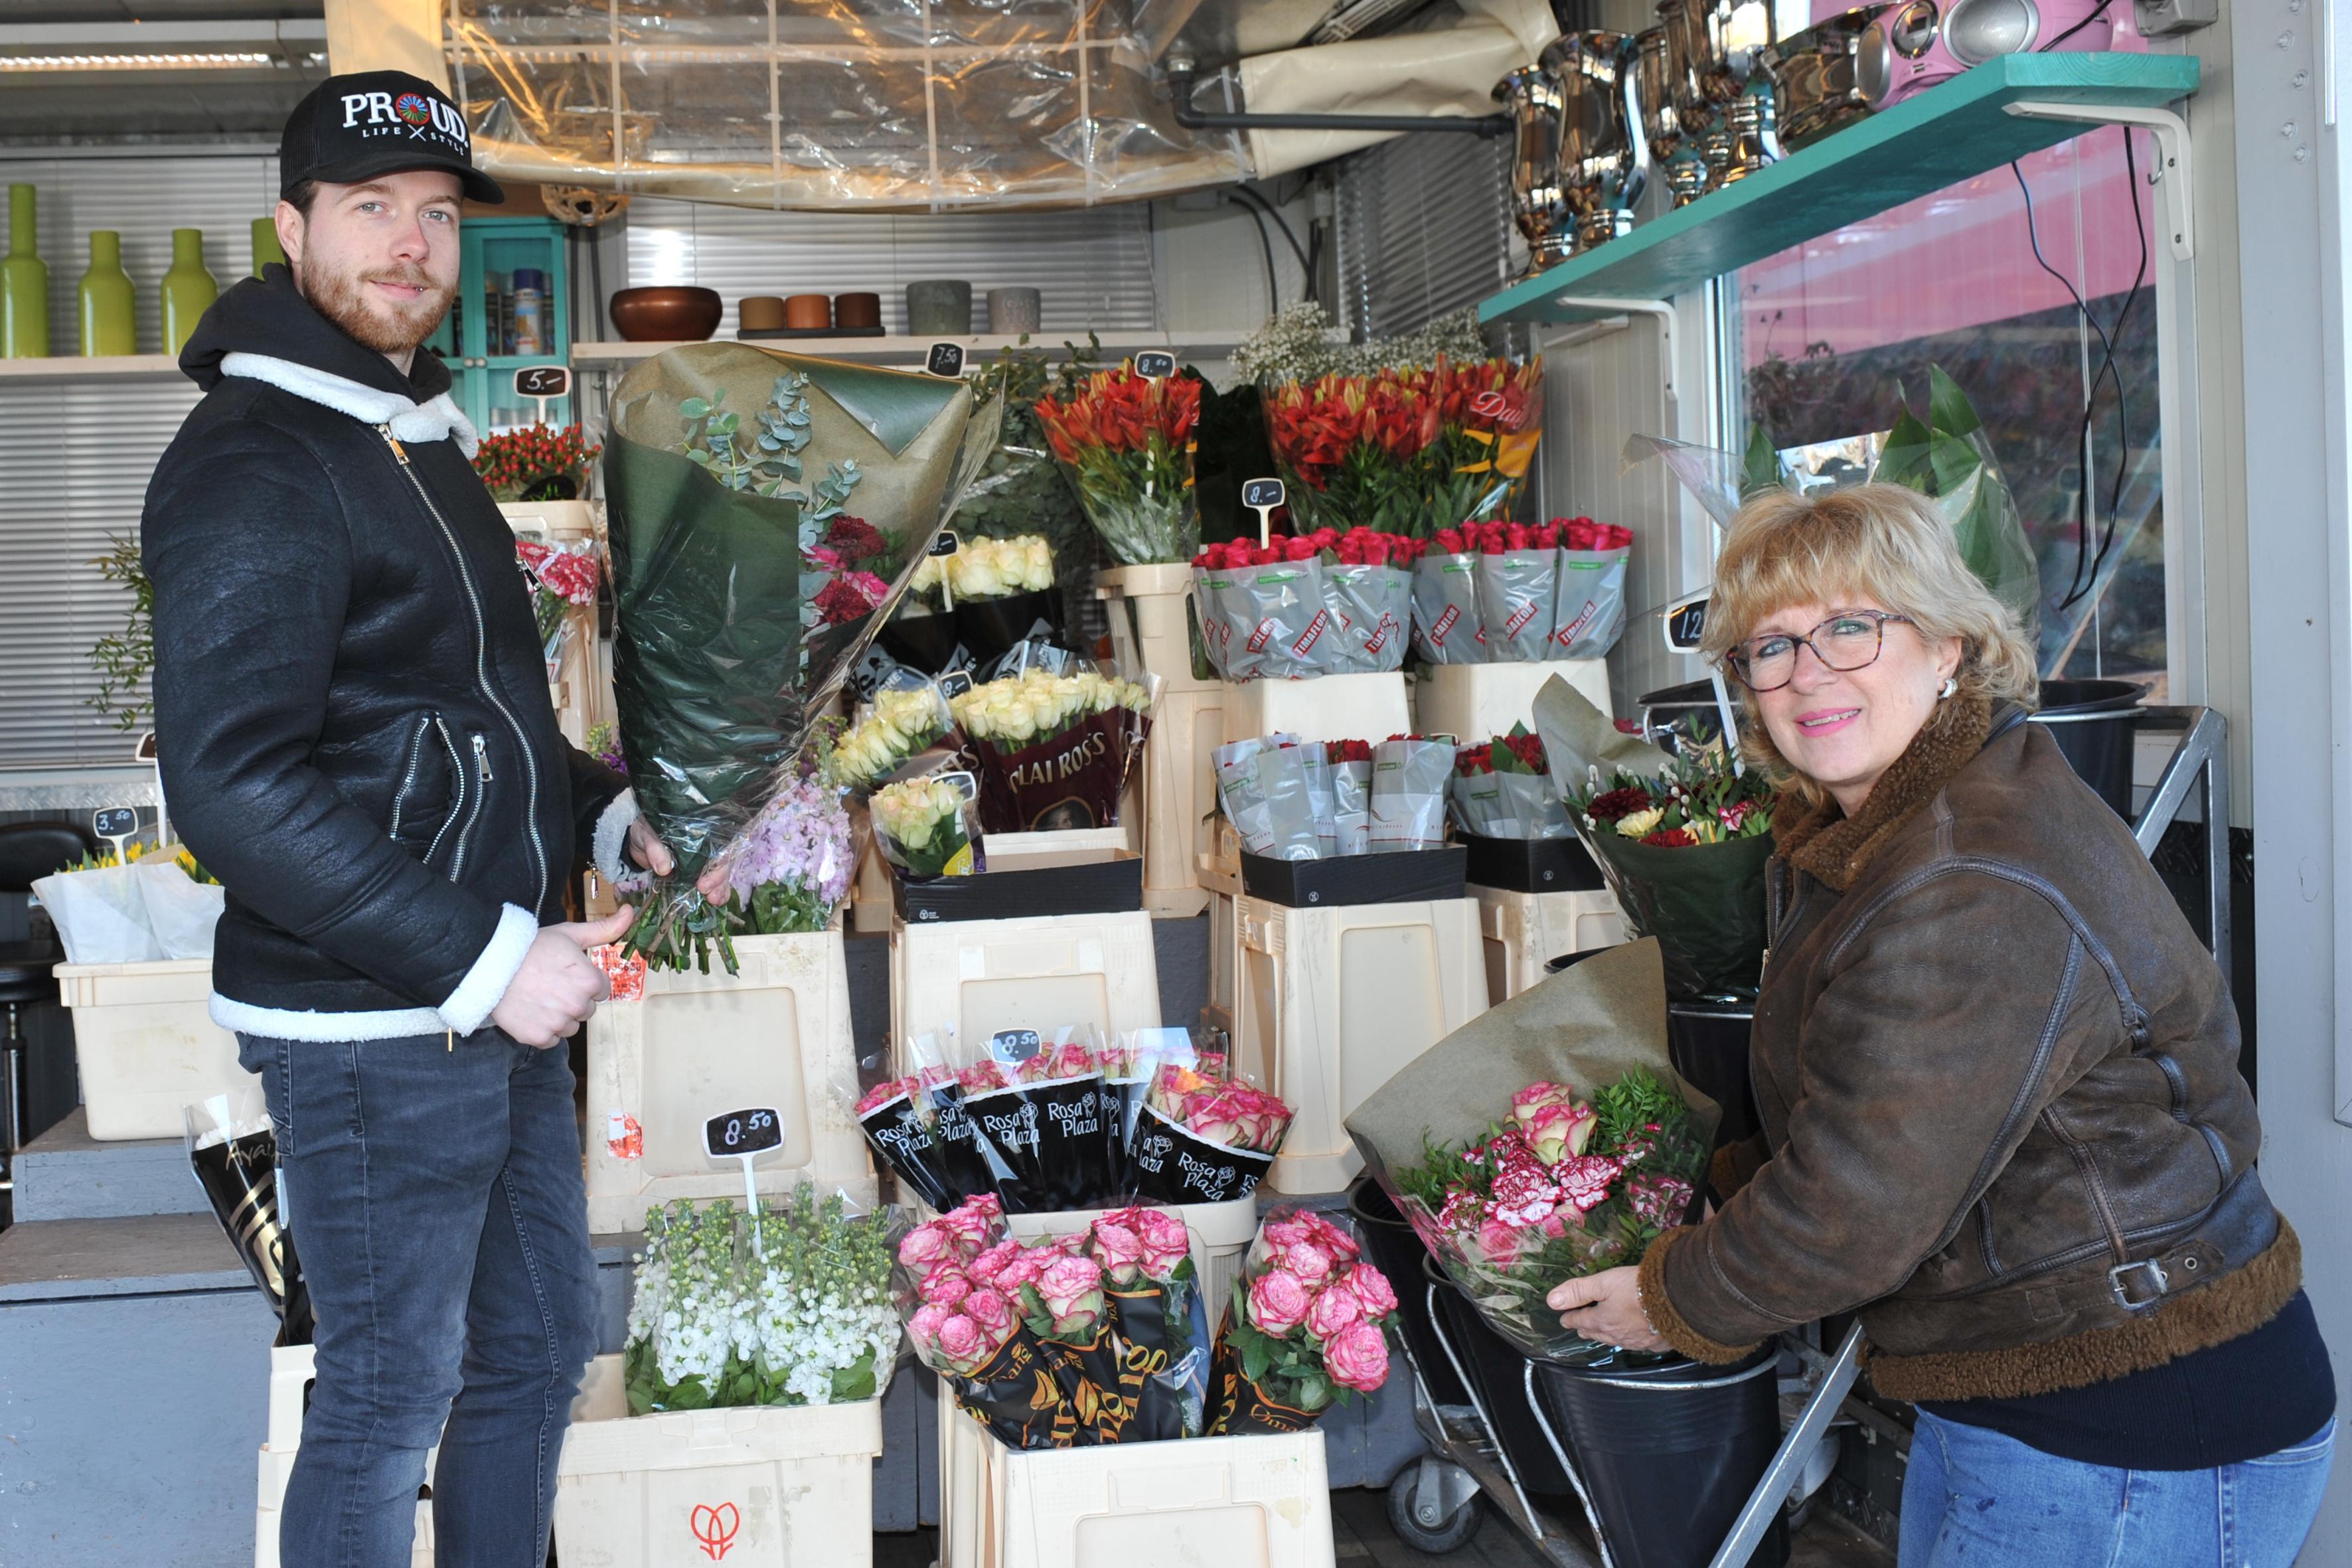 Kermisfamilie verkoopt nu bloemen op de Beverwijkse Bazaar: 'We proberen het hoofd boven water te houden'